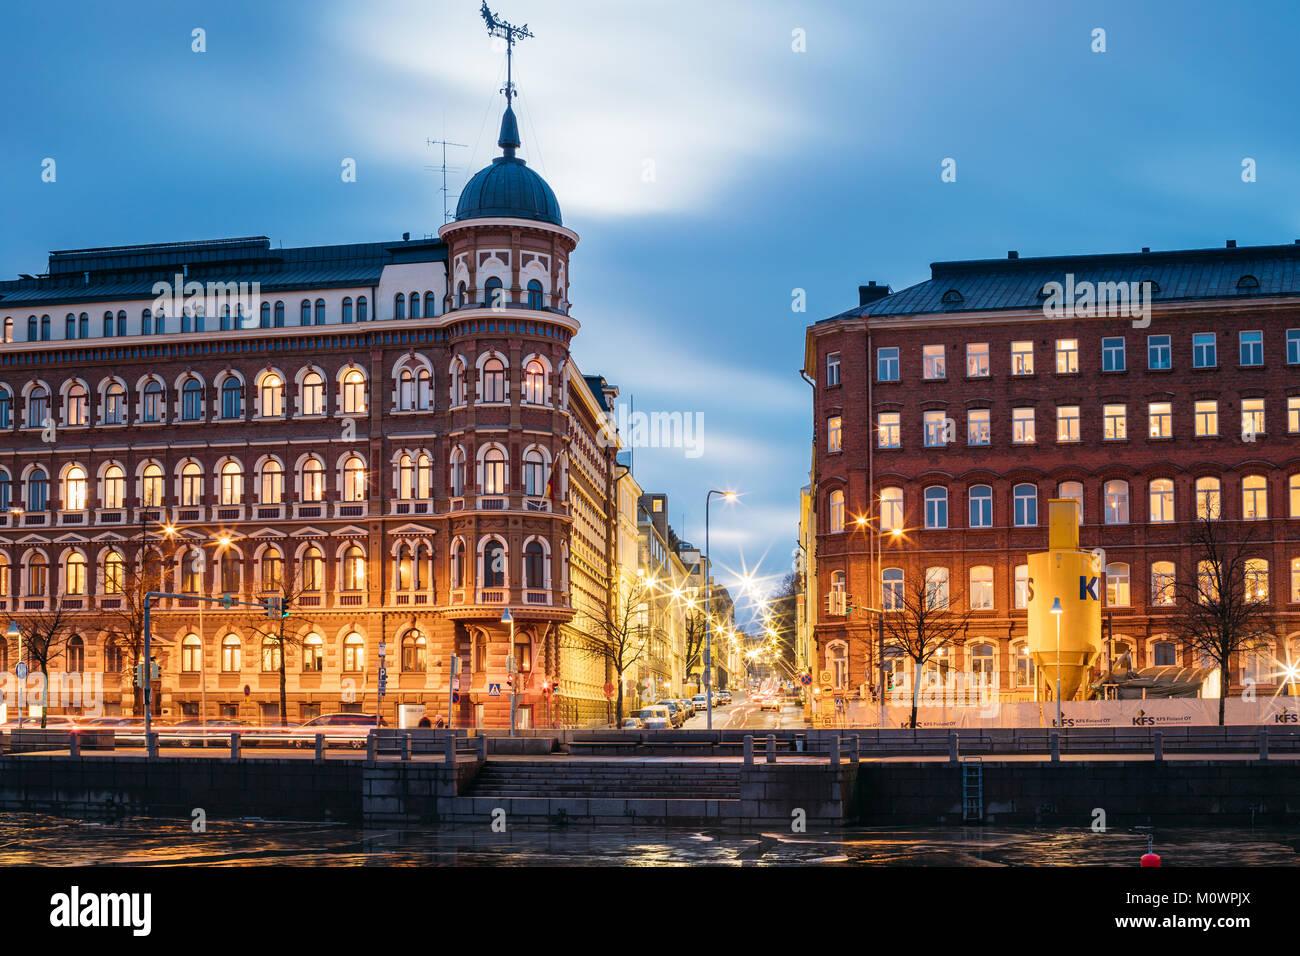 Helsinki, Finnland - 6. Dezember 2016: Kreuzung von Pohjoisranta und Kirkkokatu Straße am Abend oder in der Stockbild